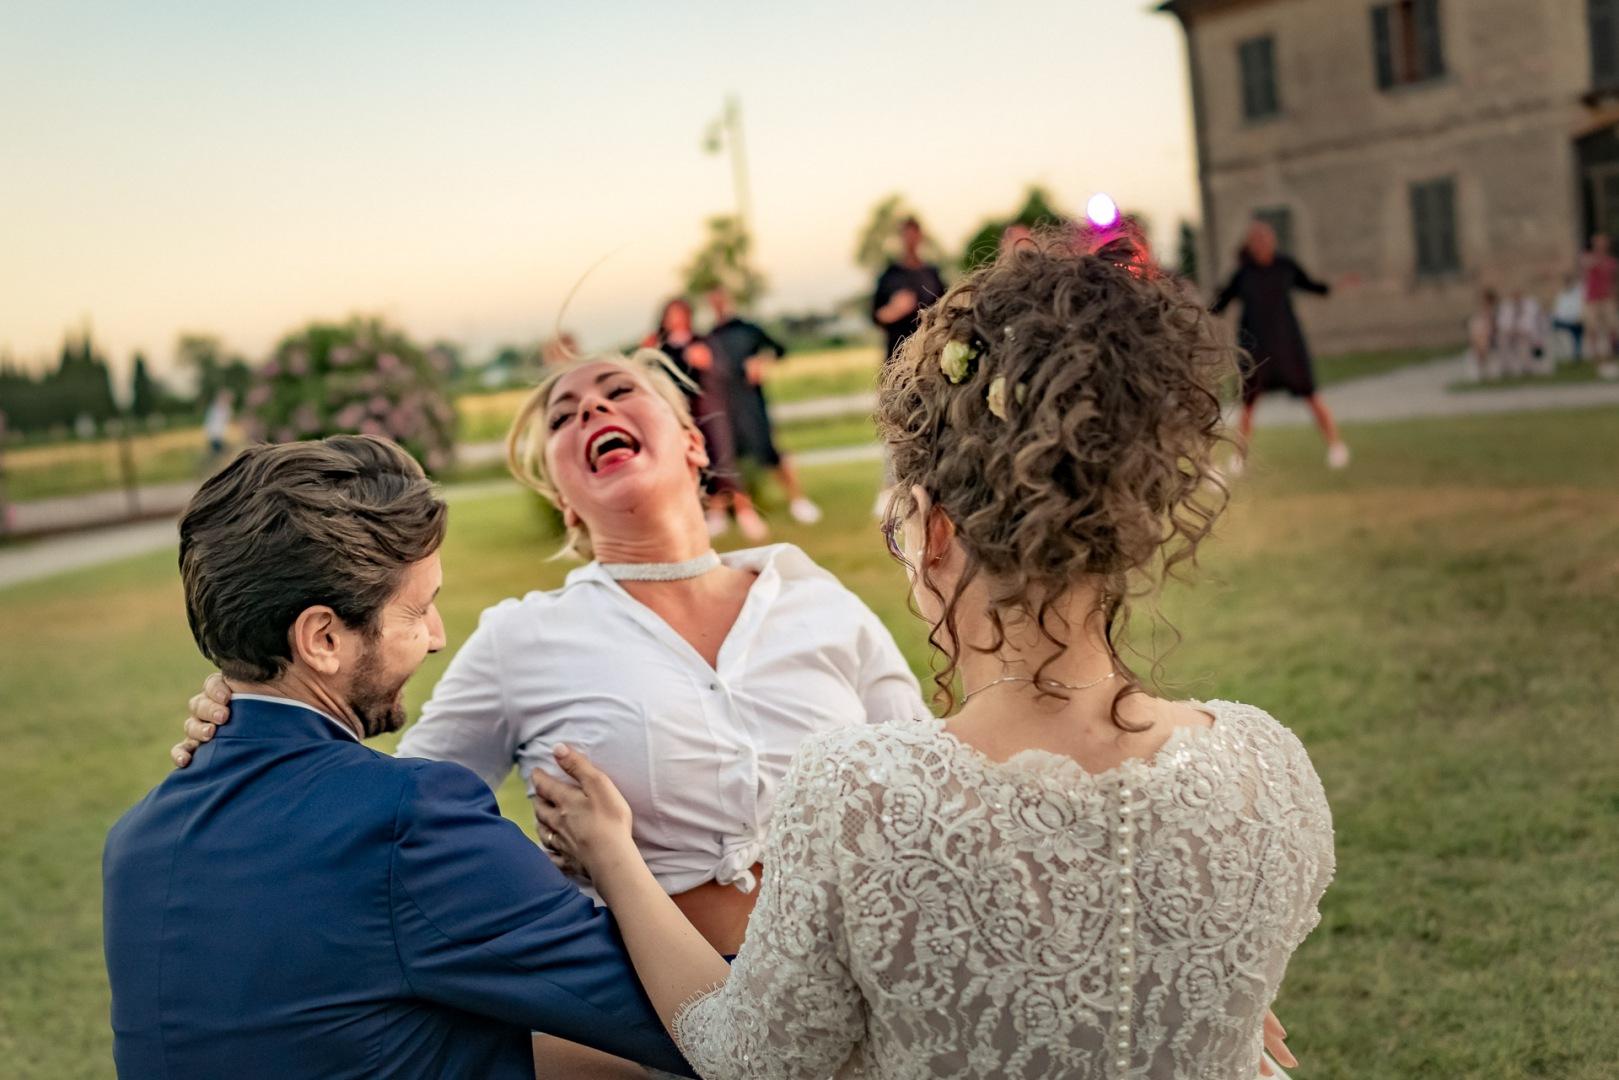 nicola-da-lio-wedding-photographer-venezia-treviso-padova-veneto-italia-143